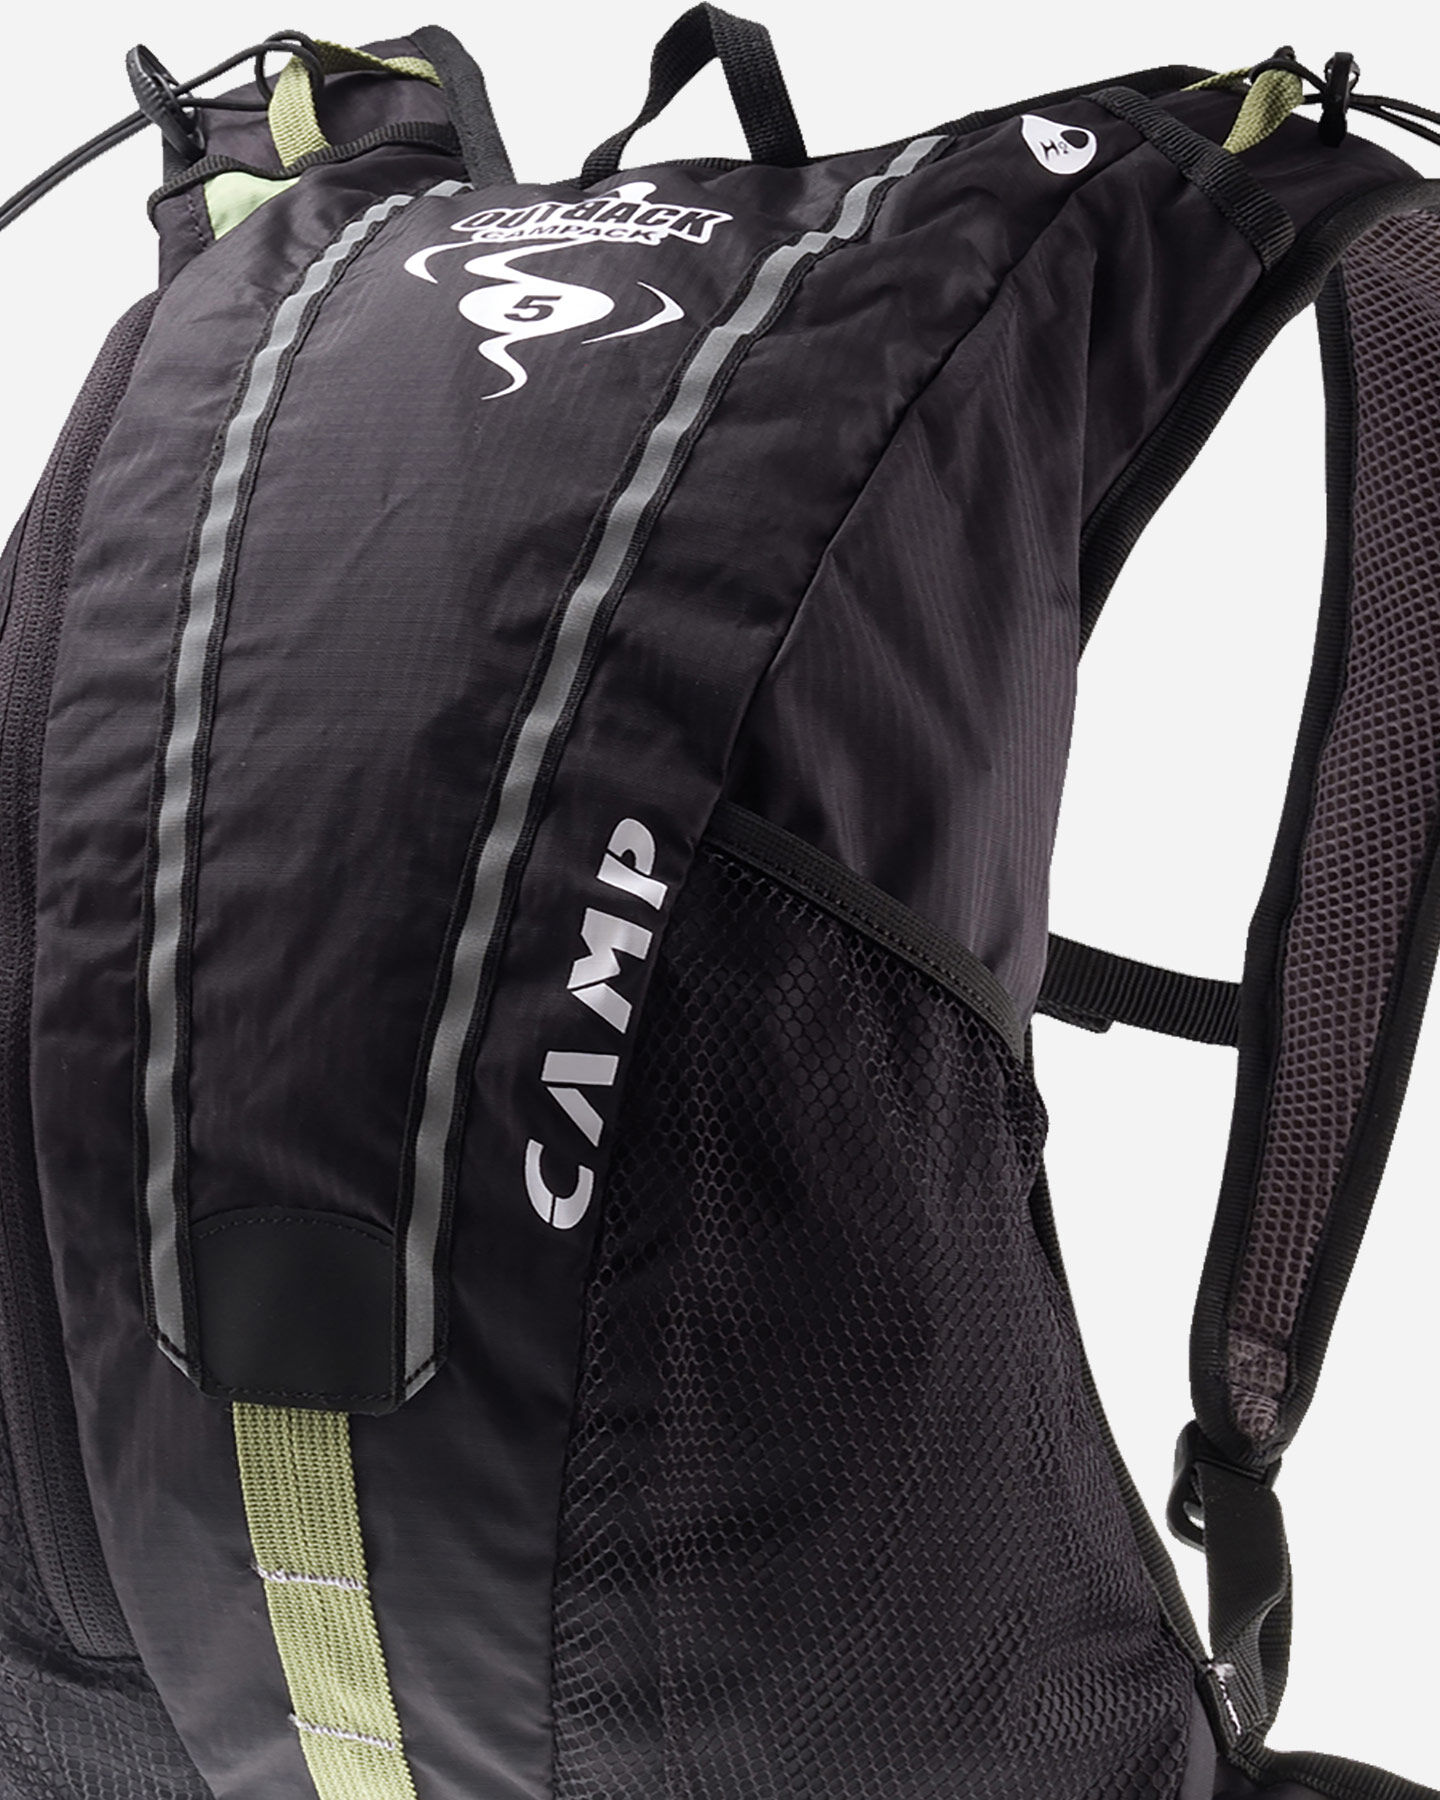 Zaino alpinismo CAMP OUTBACK 5 S1192346 1 UNI scatto 1